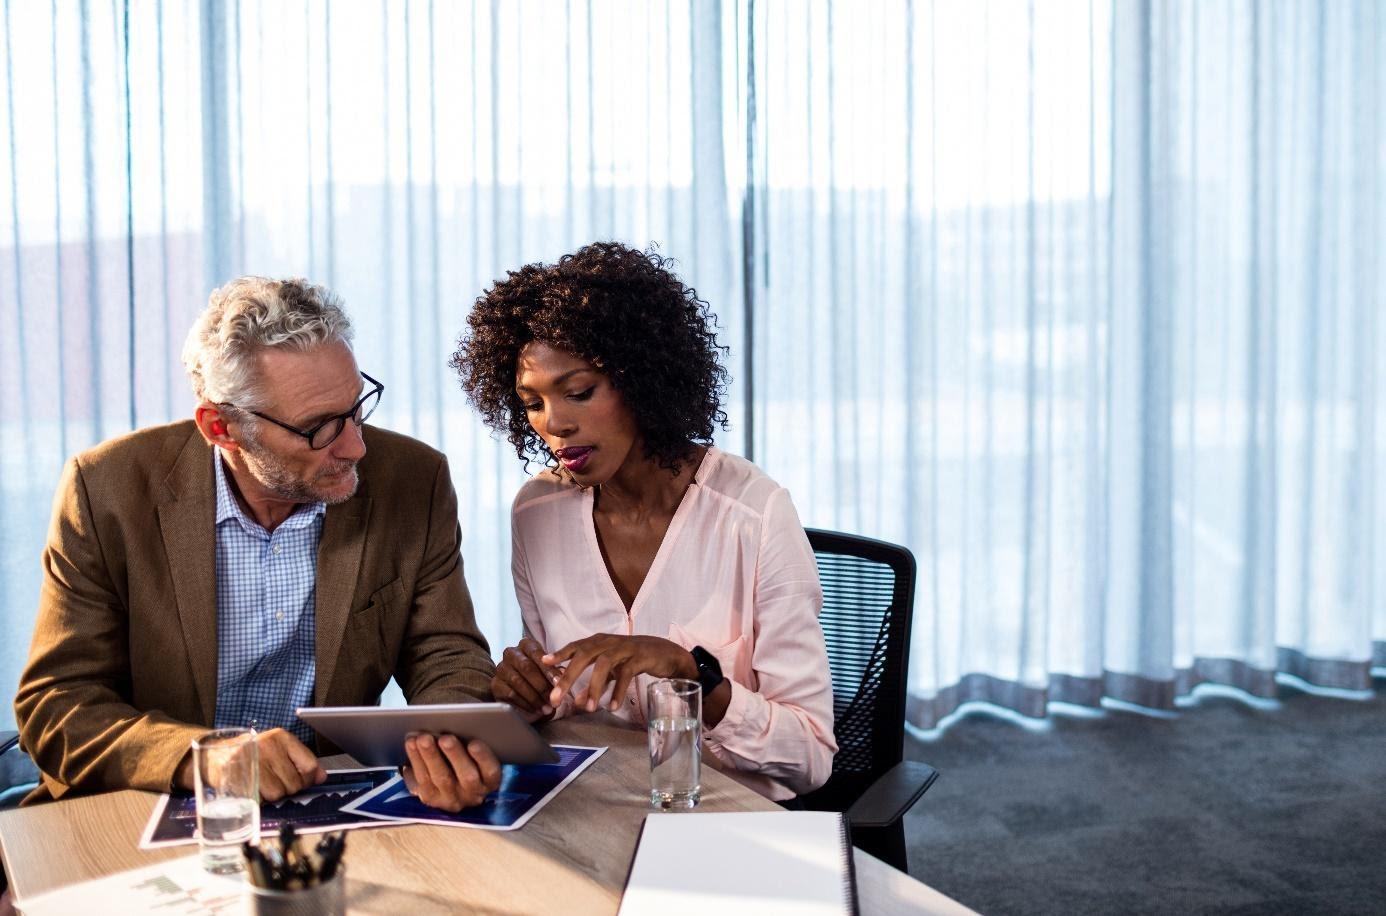 Agence publicite - Agence de publicité: exploitez les potentiels de votre entreprise